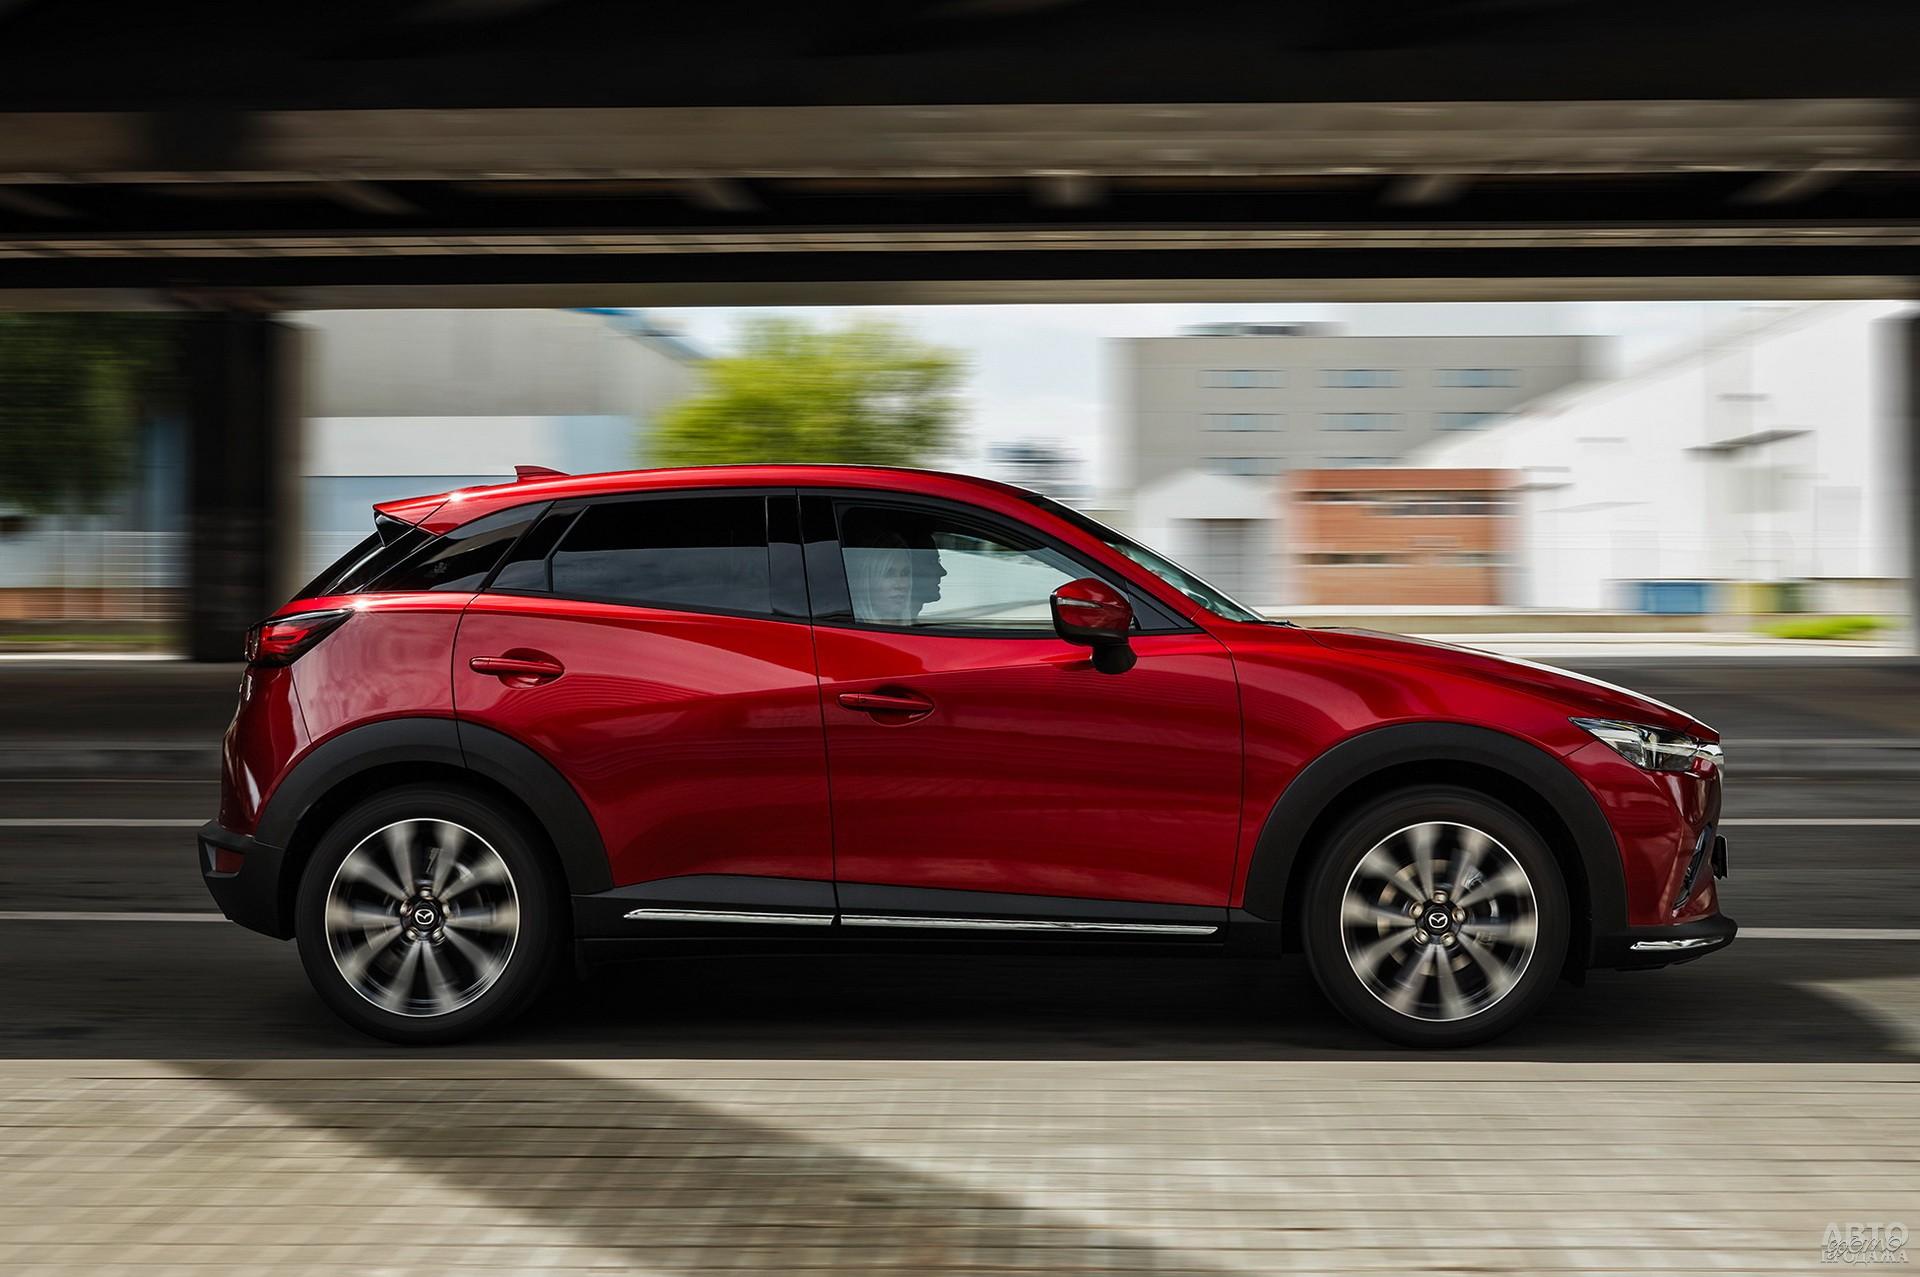 Mazda ощутимо легче конкурентов – 1292 кг